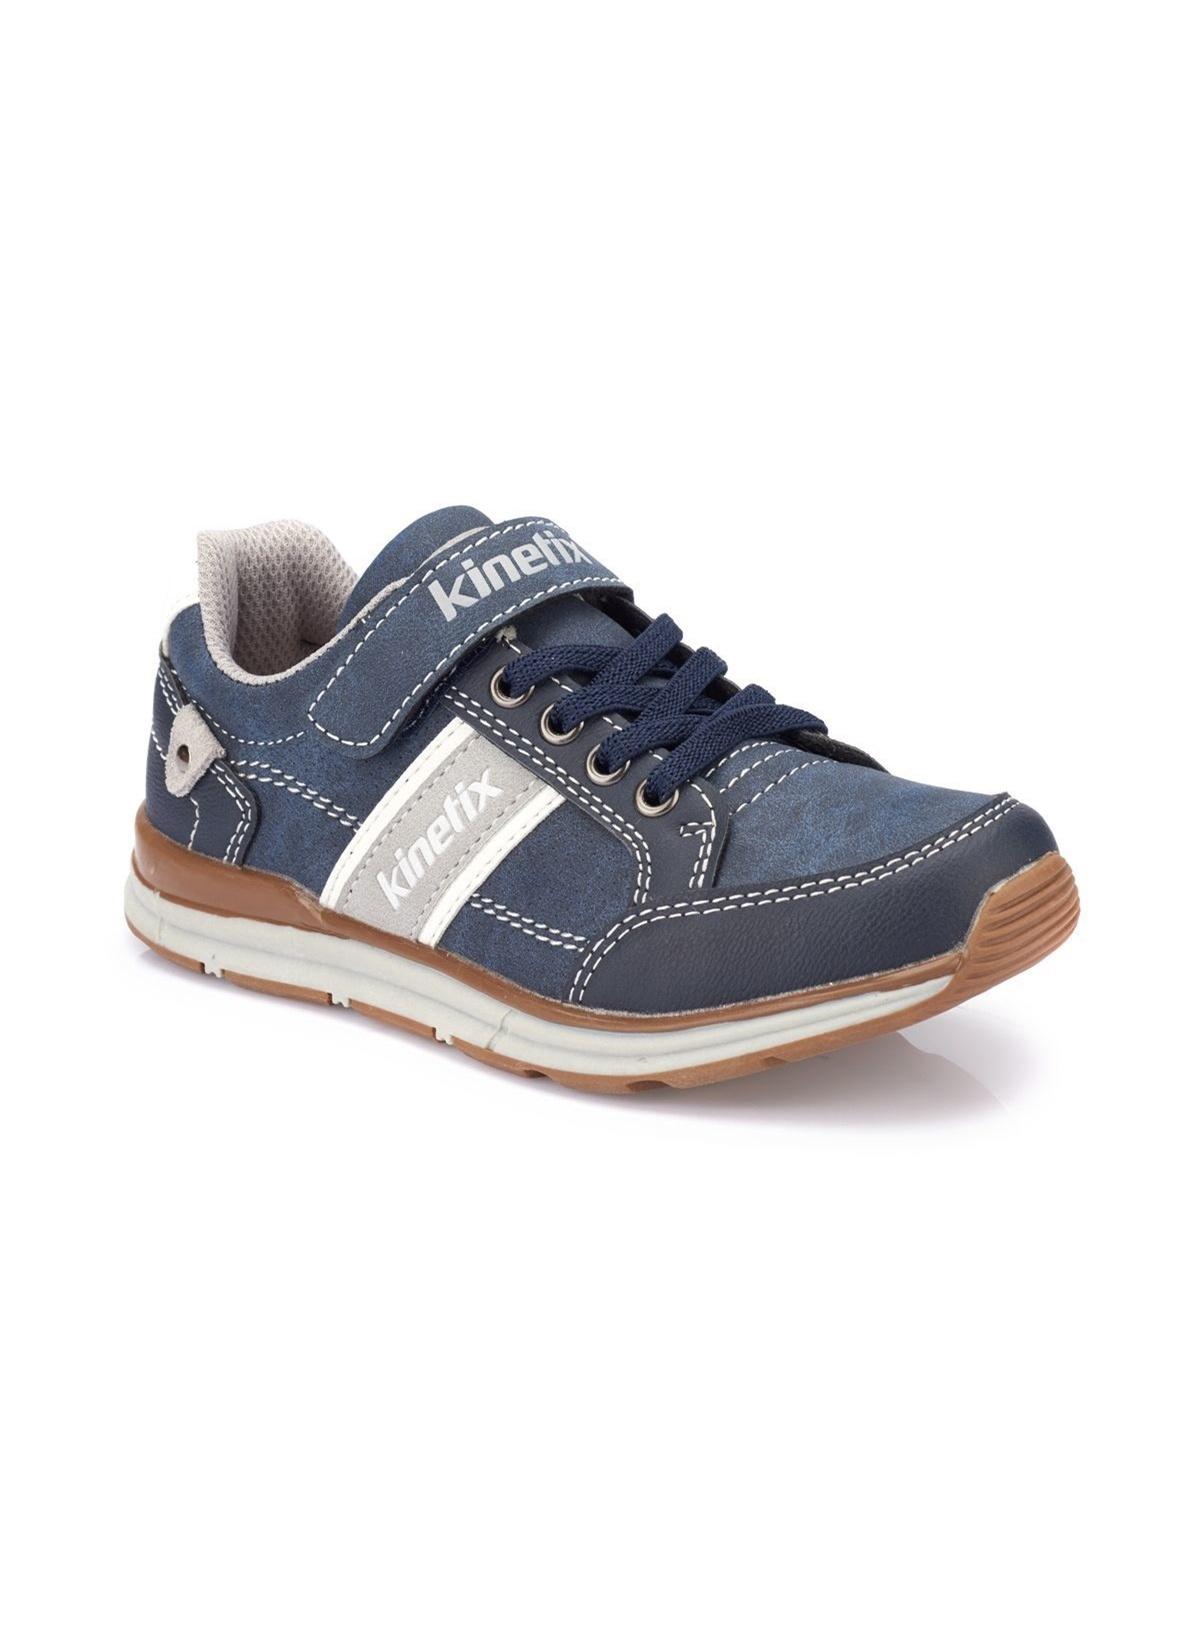 Kinetix Spor Ayakkabı Alfoni Sneaker Ayakkabı – 99.99 TL